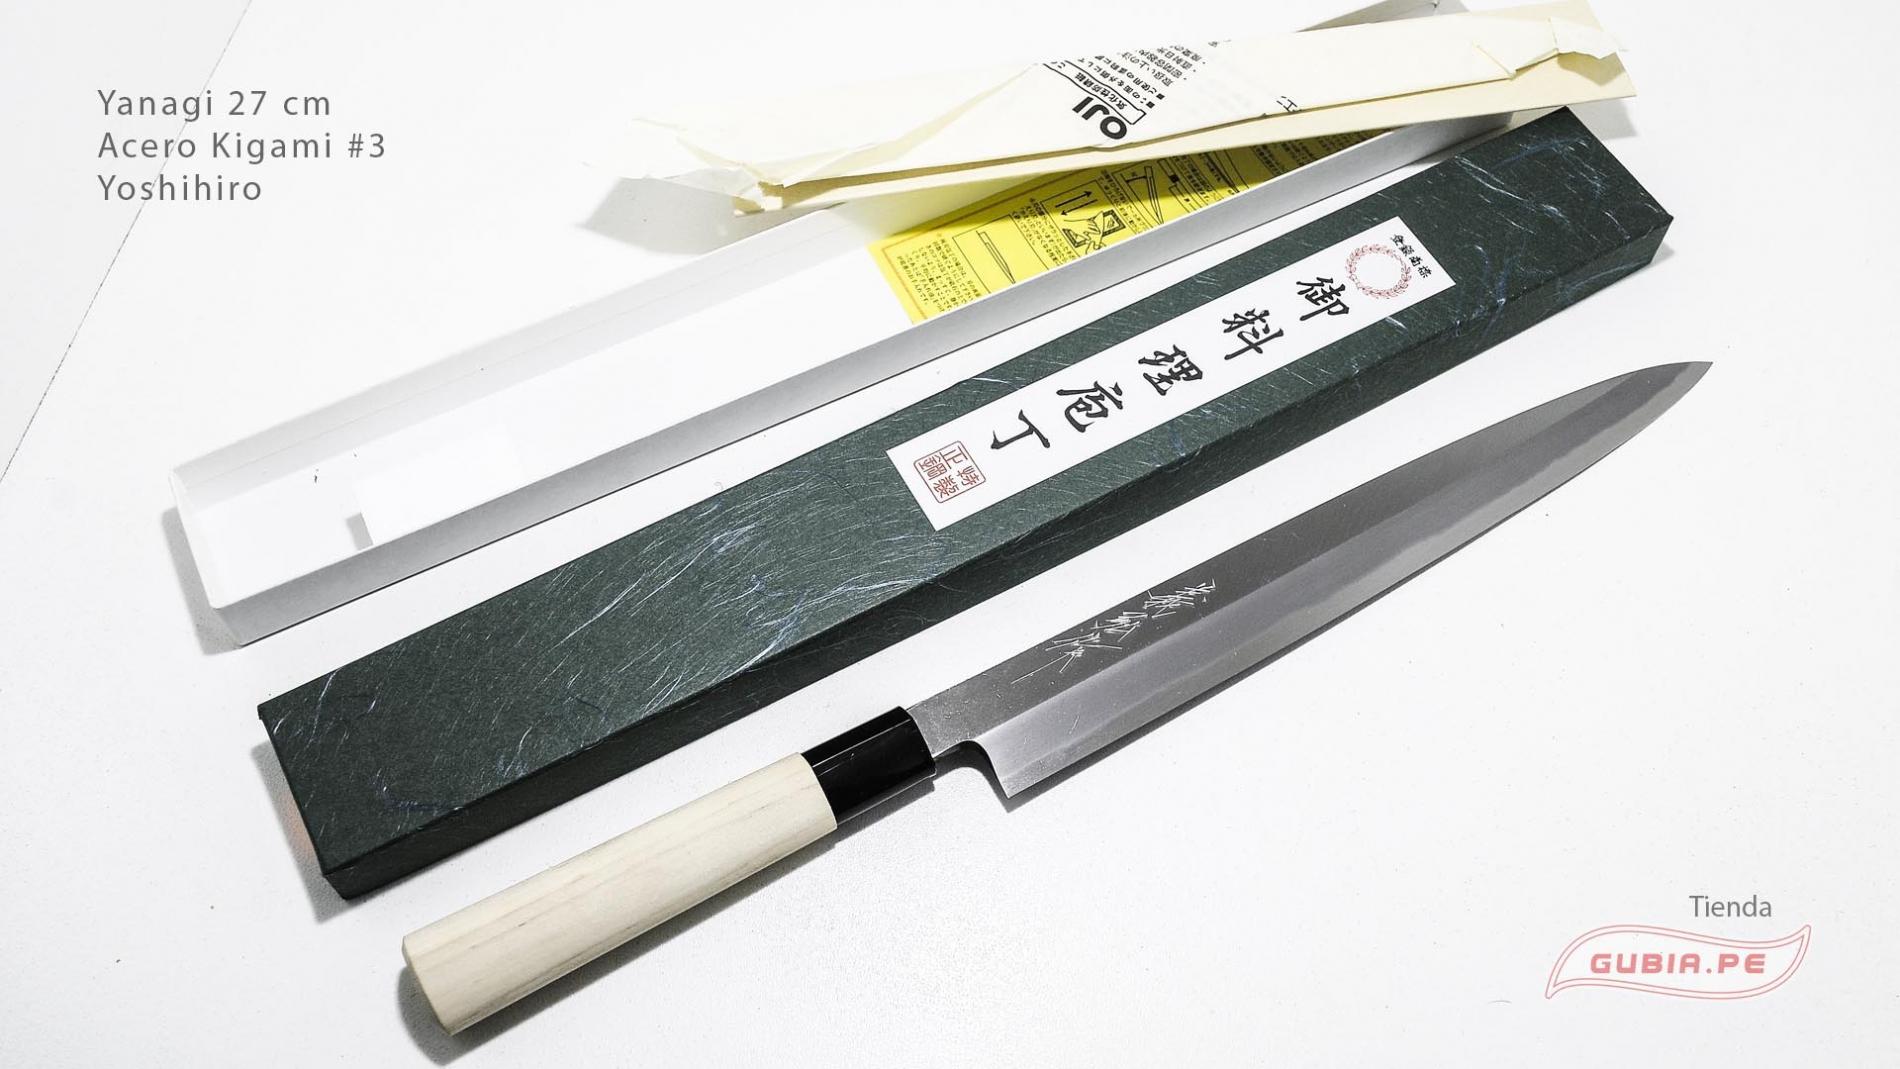 y27k3-Cuchillo Yanagi 27 cm acero Kigami #3 Yoshihiro y27k3-max-6.